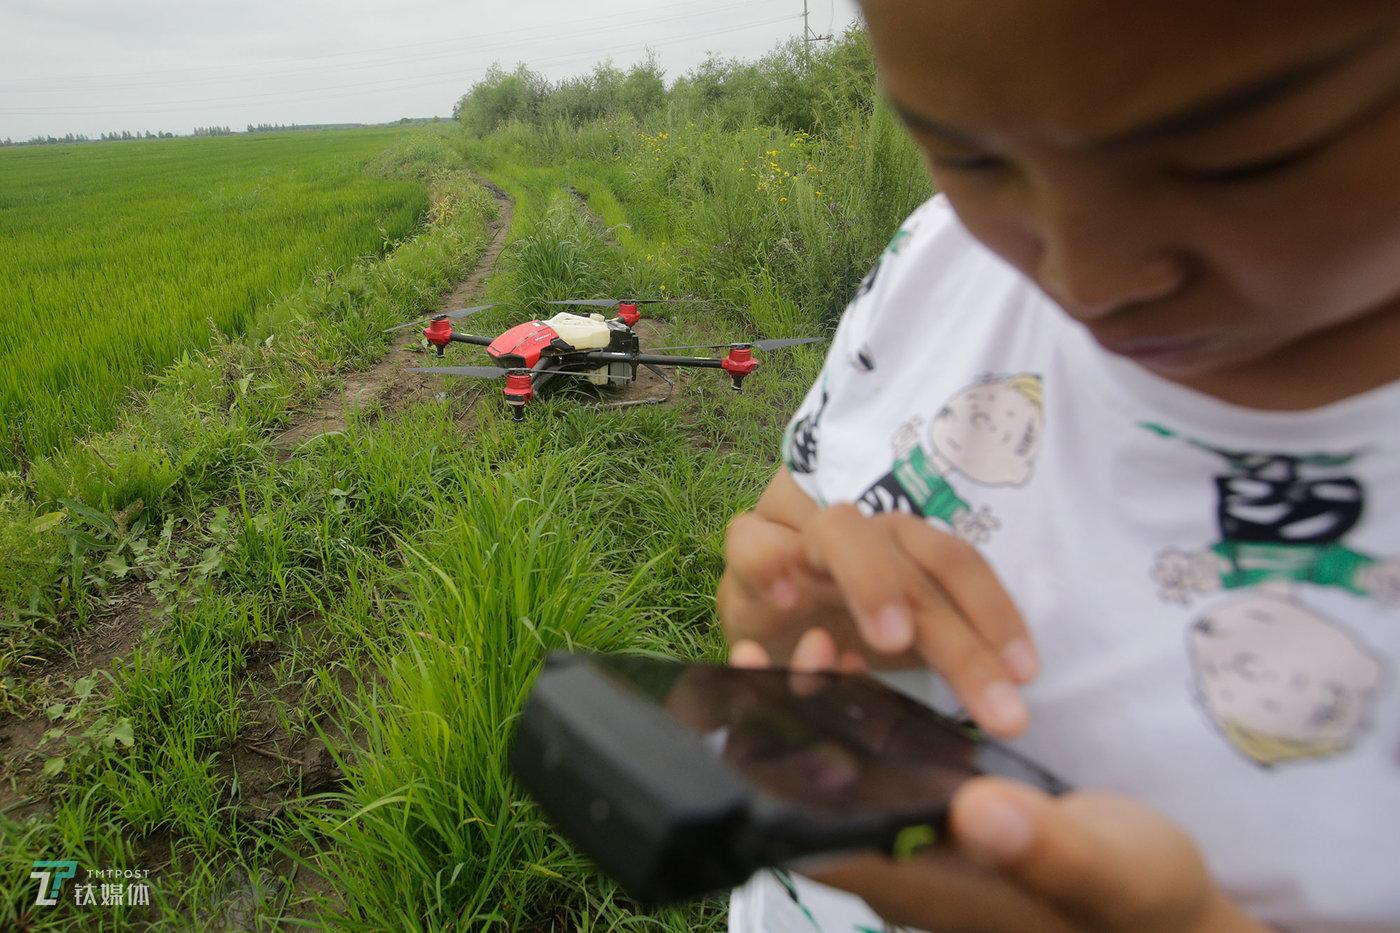 黑龙江同江,女飞手丹丹正准备启动她的植保无人机,为一户农户的水稻田进行喷洒作业。